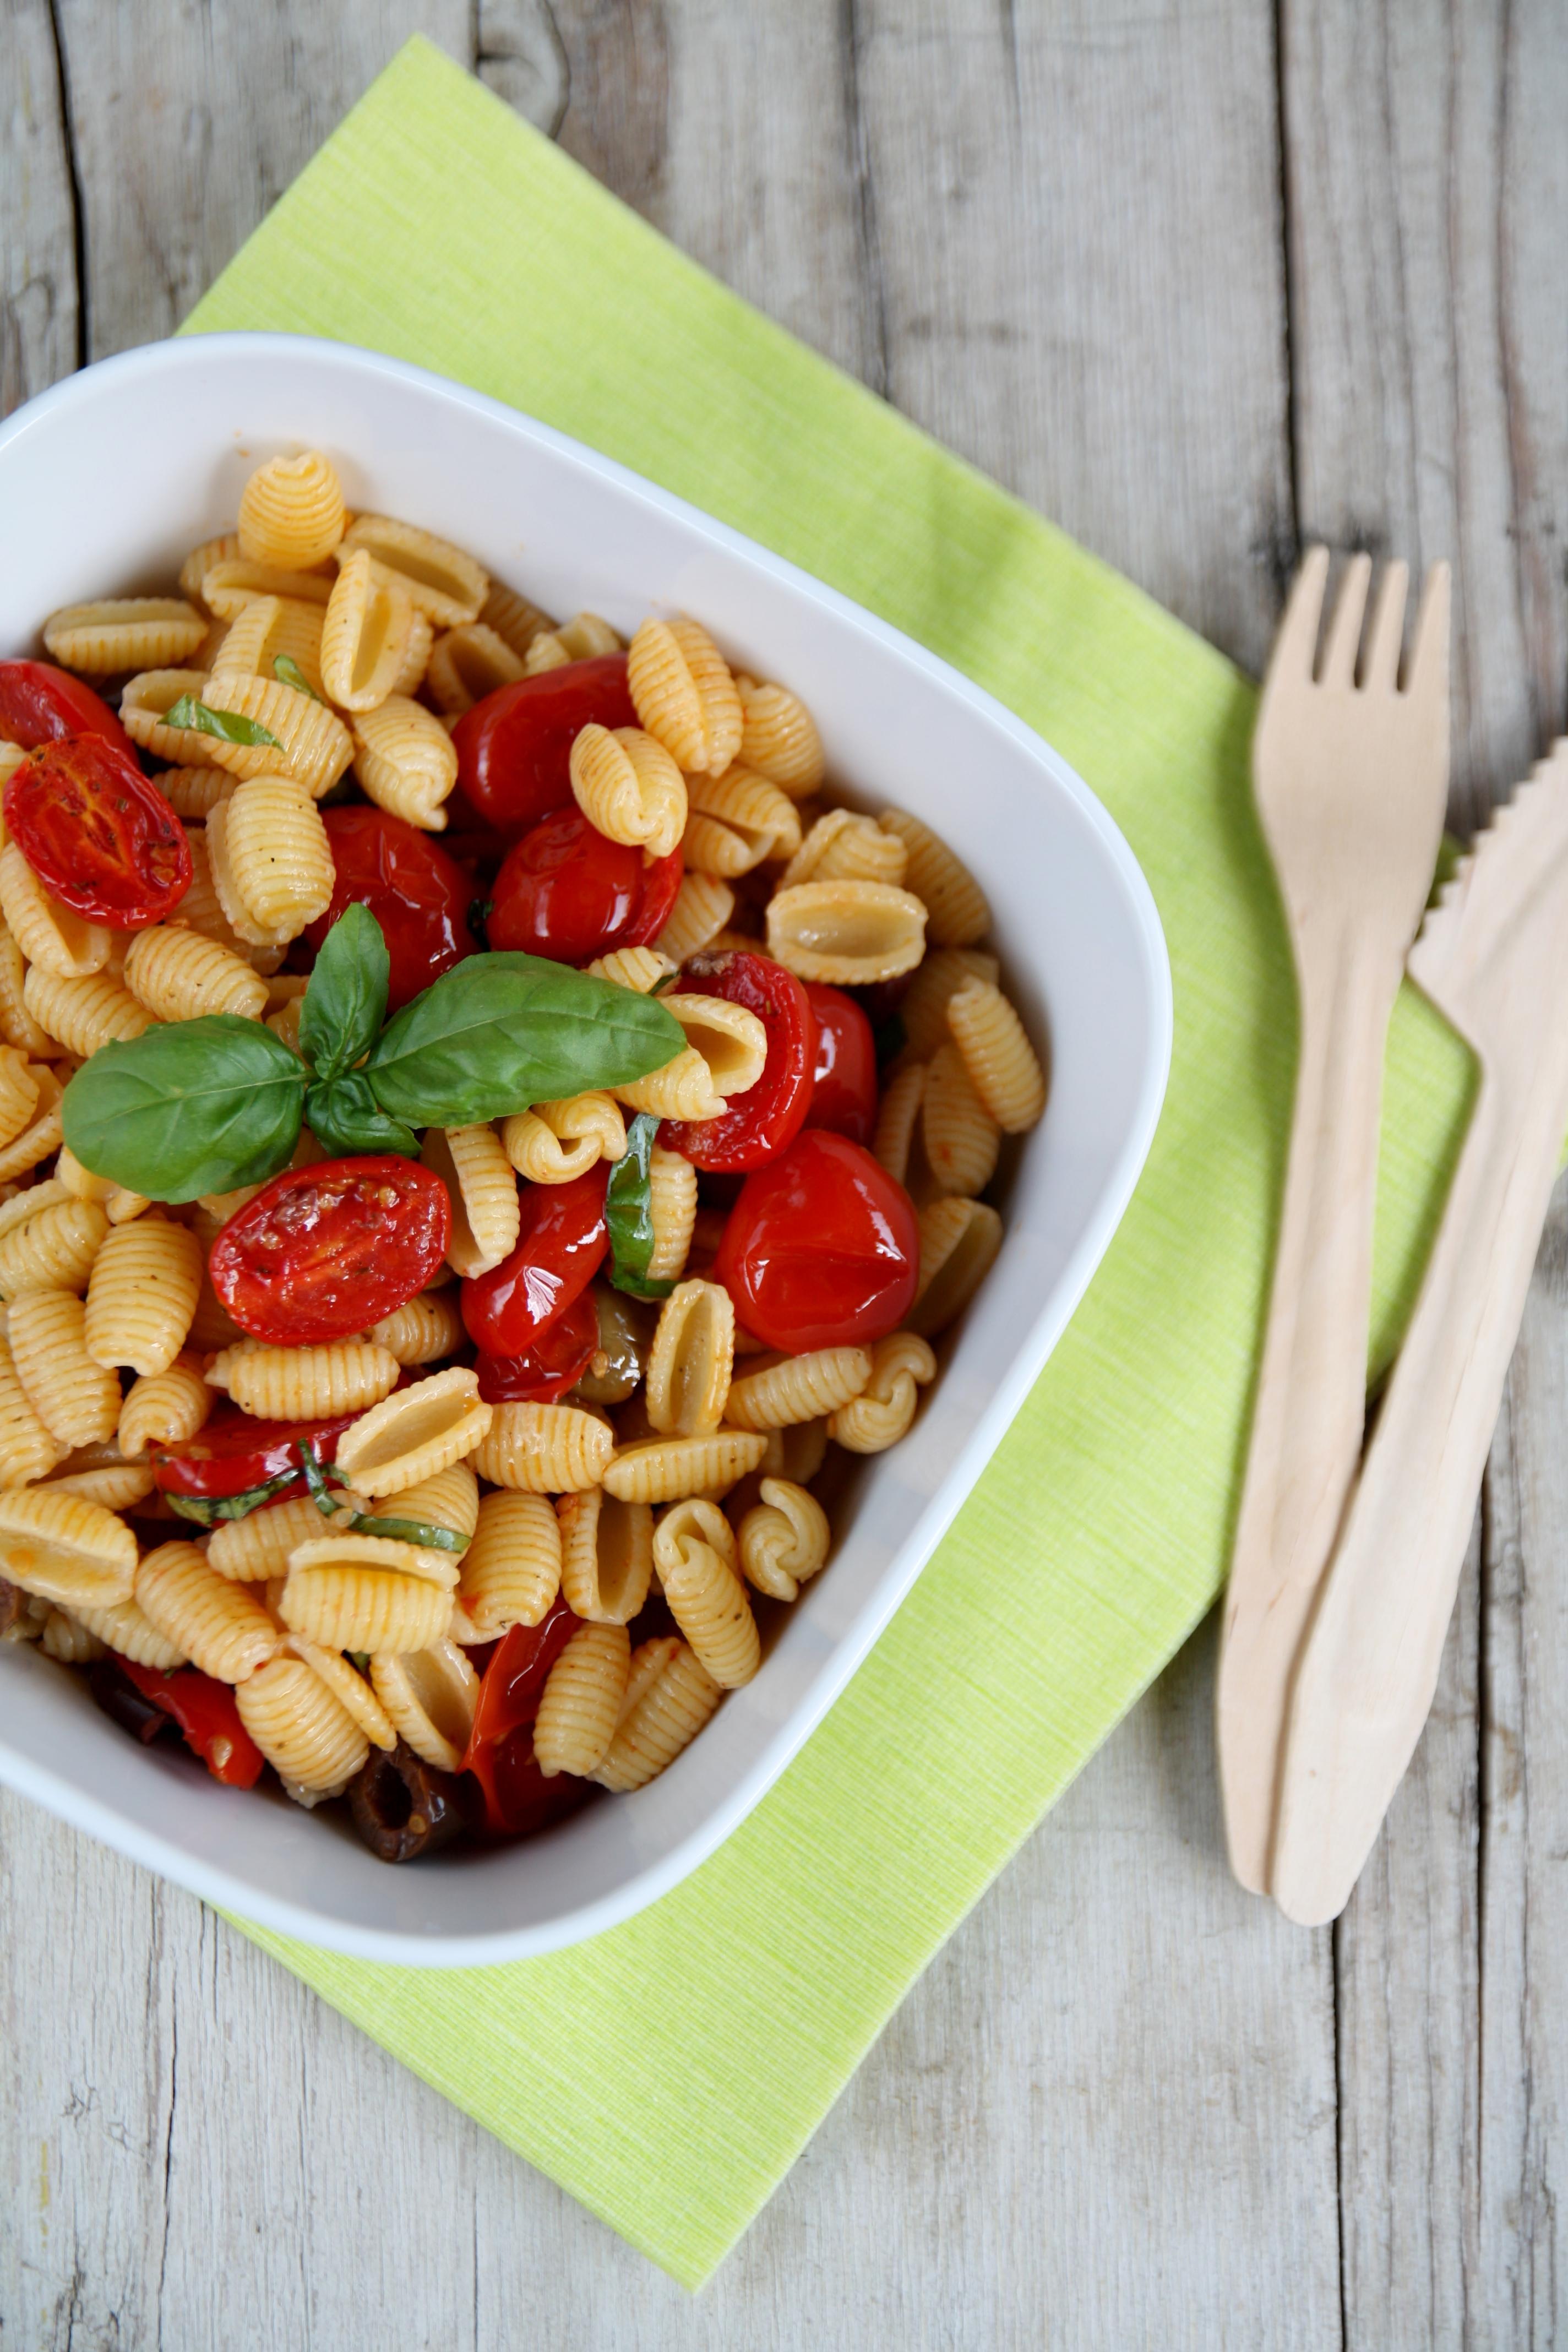 Insalata di gnocchetti sardi, pomodorini, olive Taggiasche e basilico